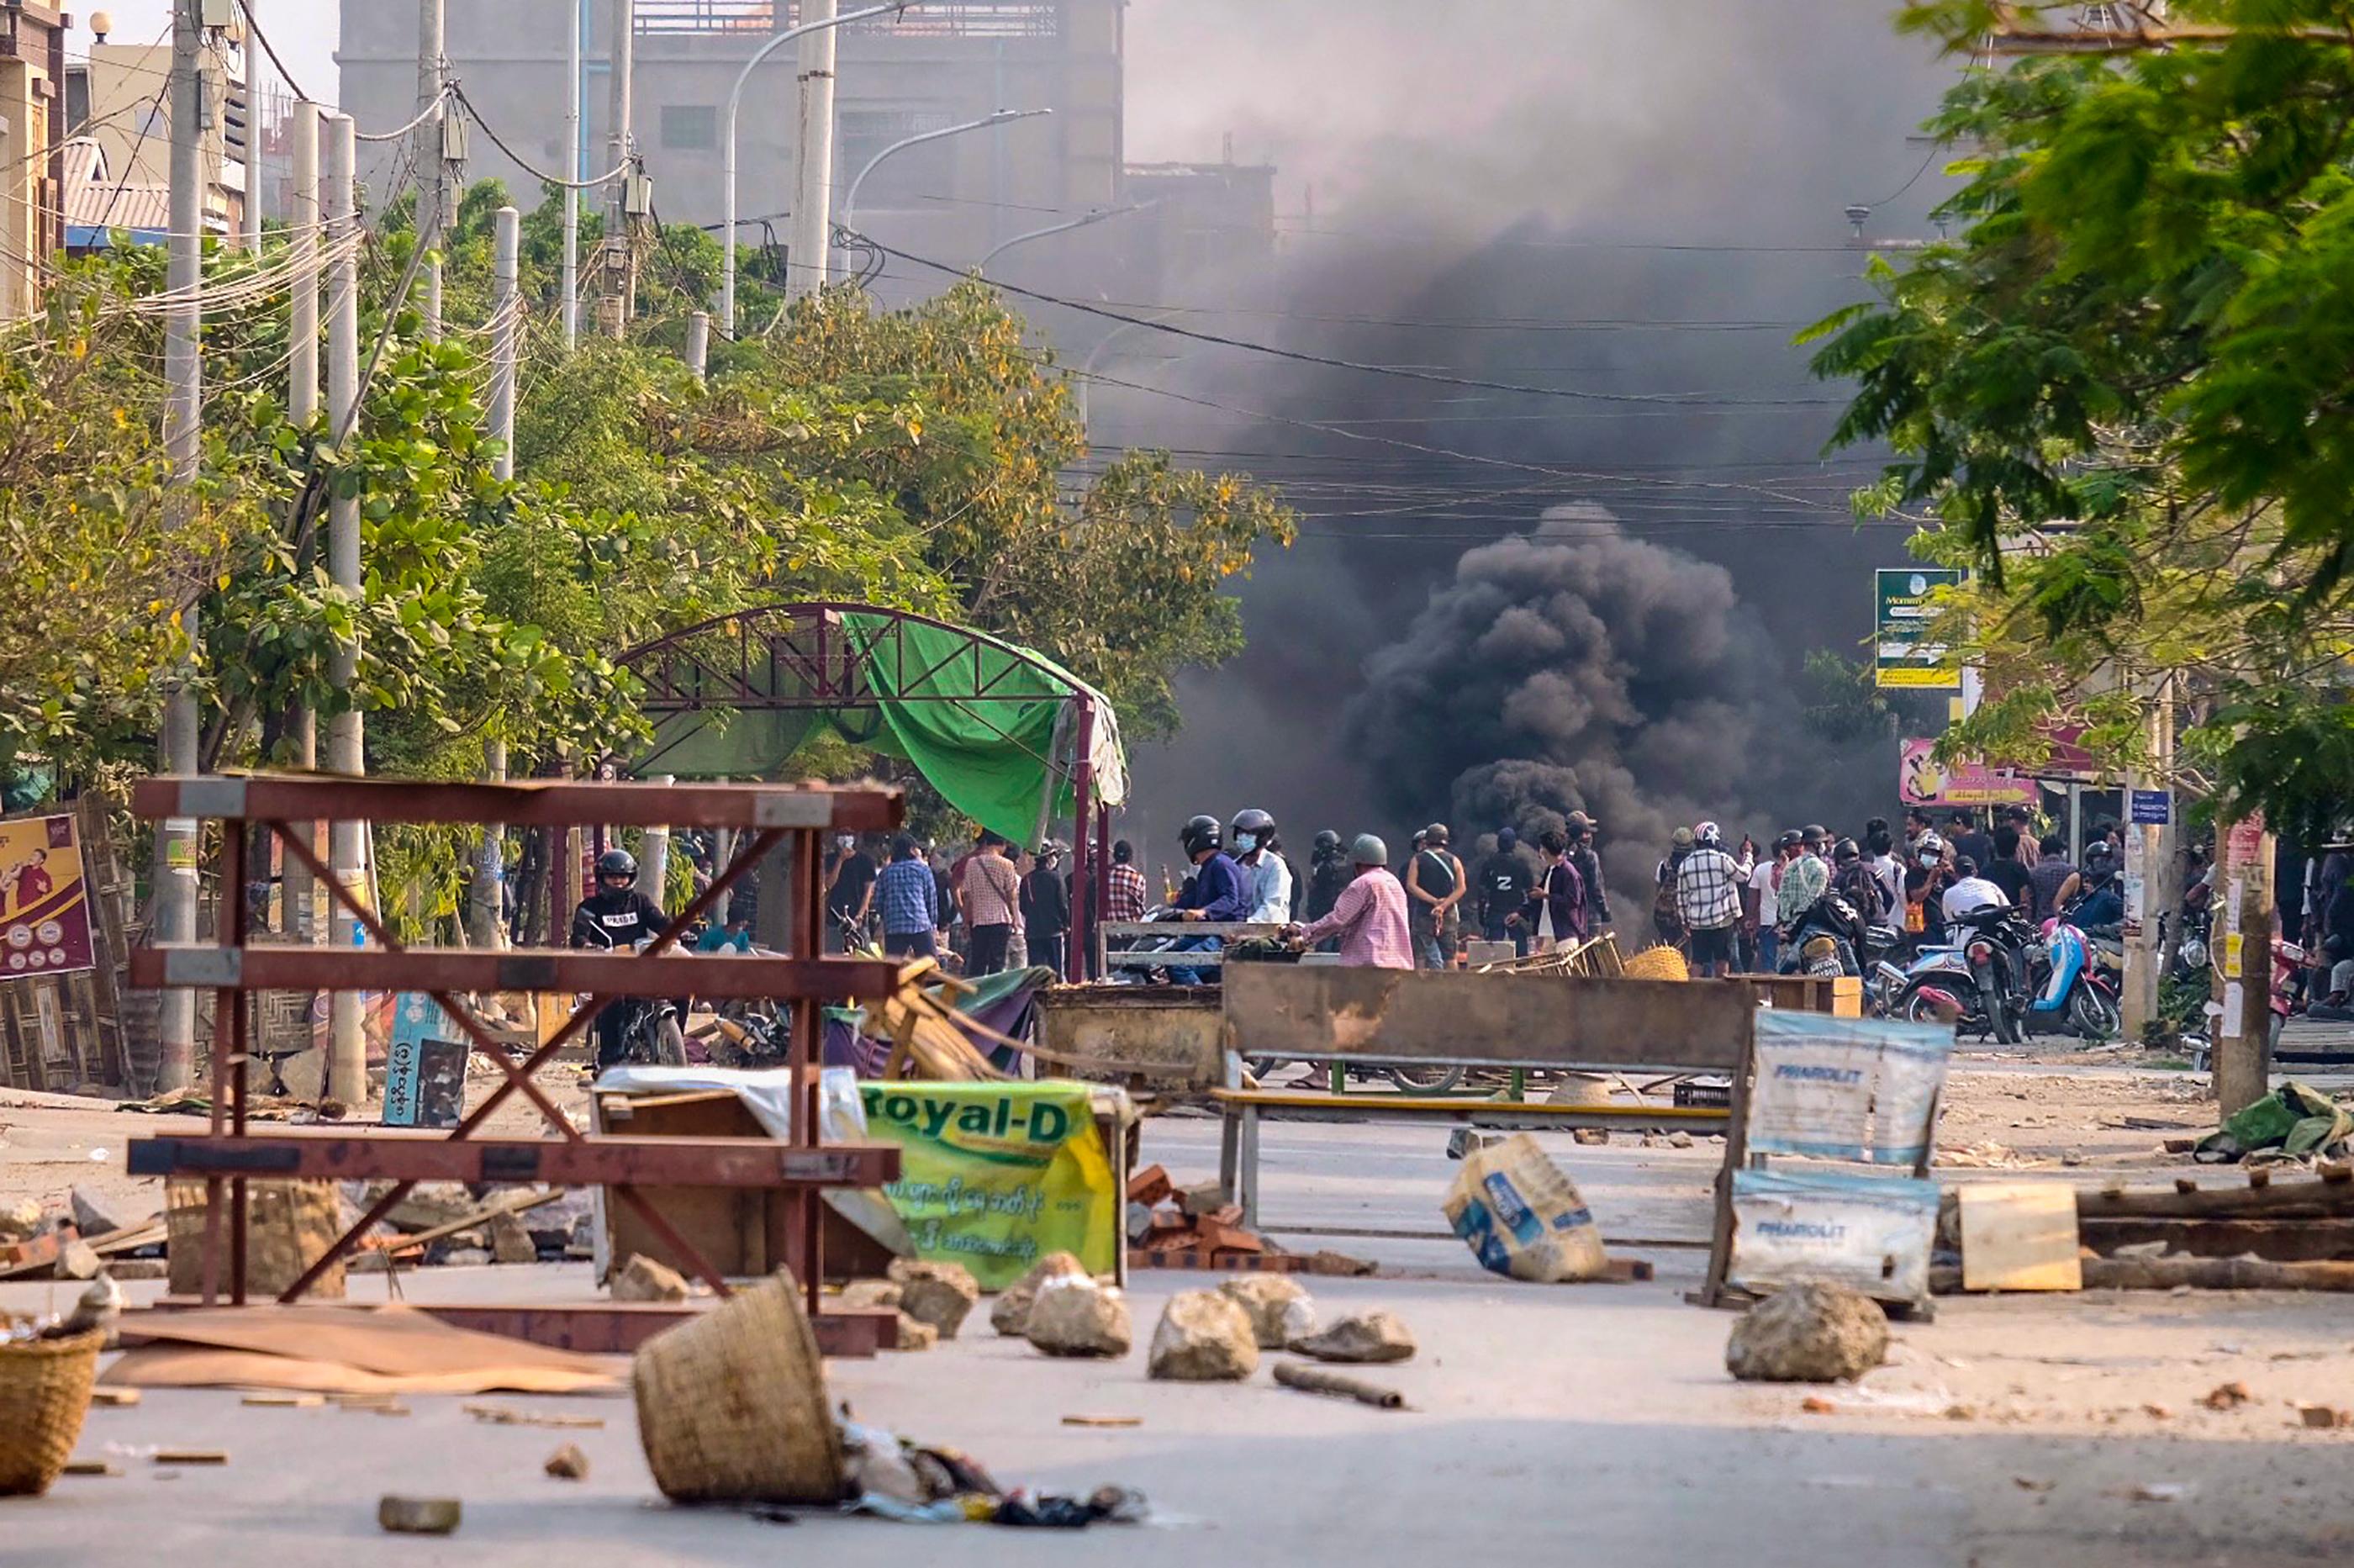 Hétéves gyereket lőttek le Mianmarban egy razzia során